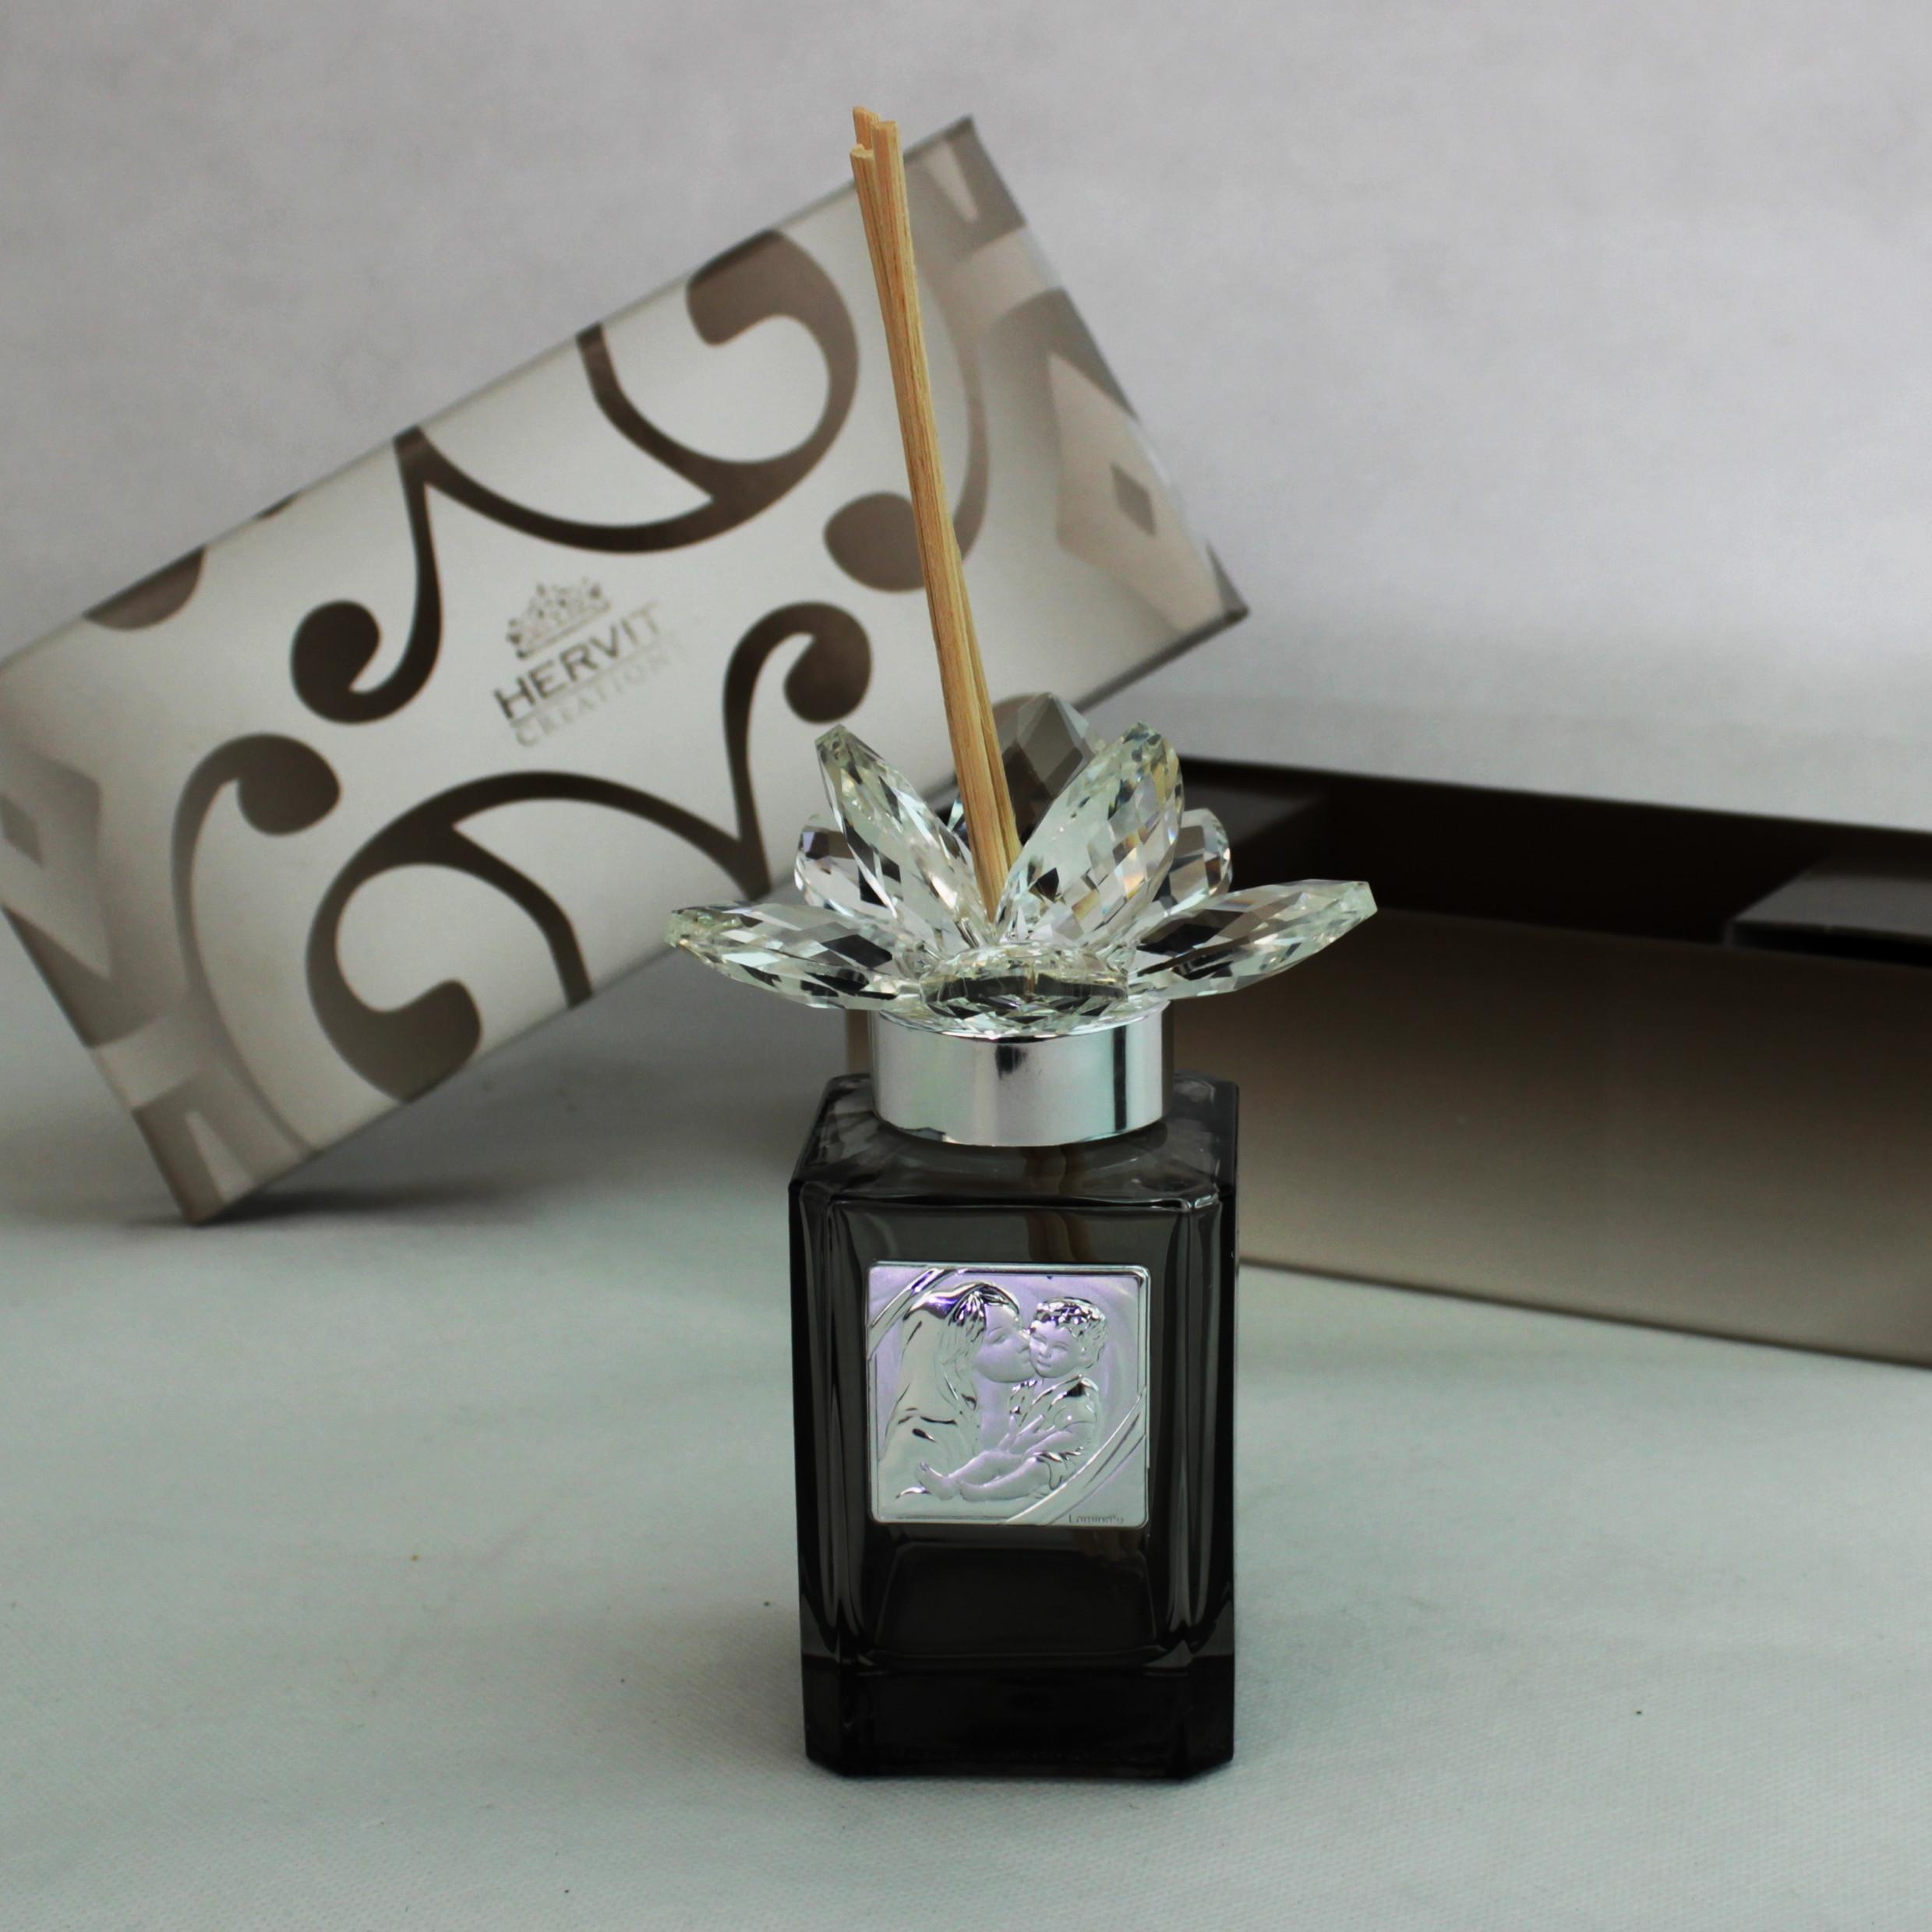 Profumatore Hervit con fiore in cristallo Madonna con Bambino